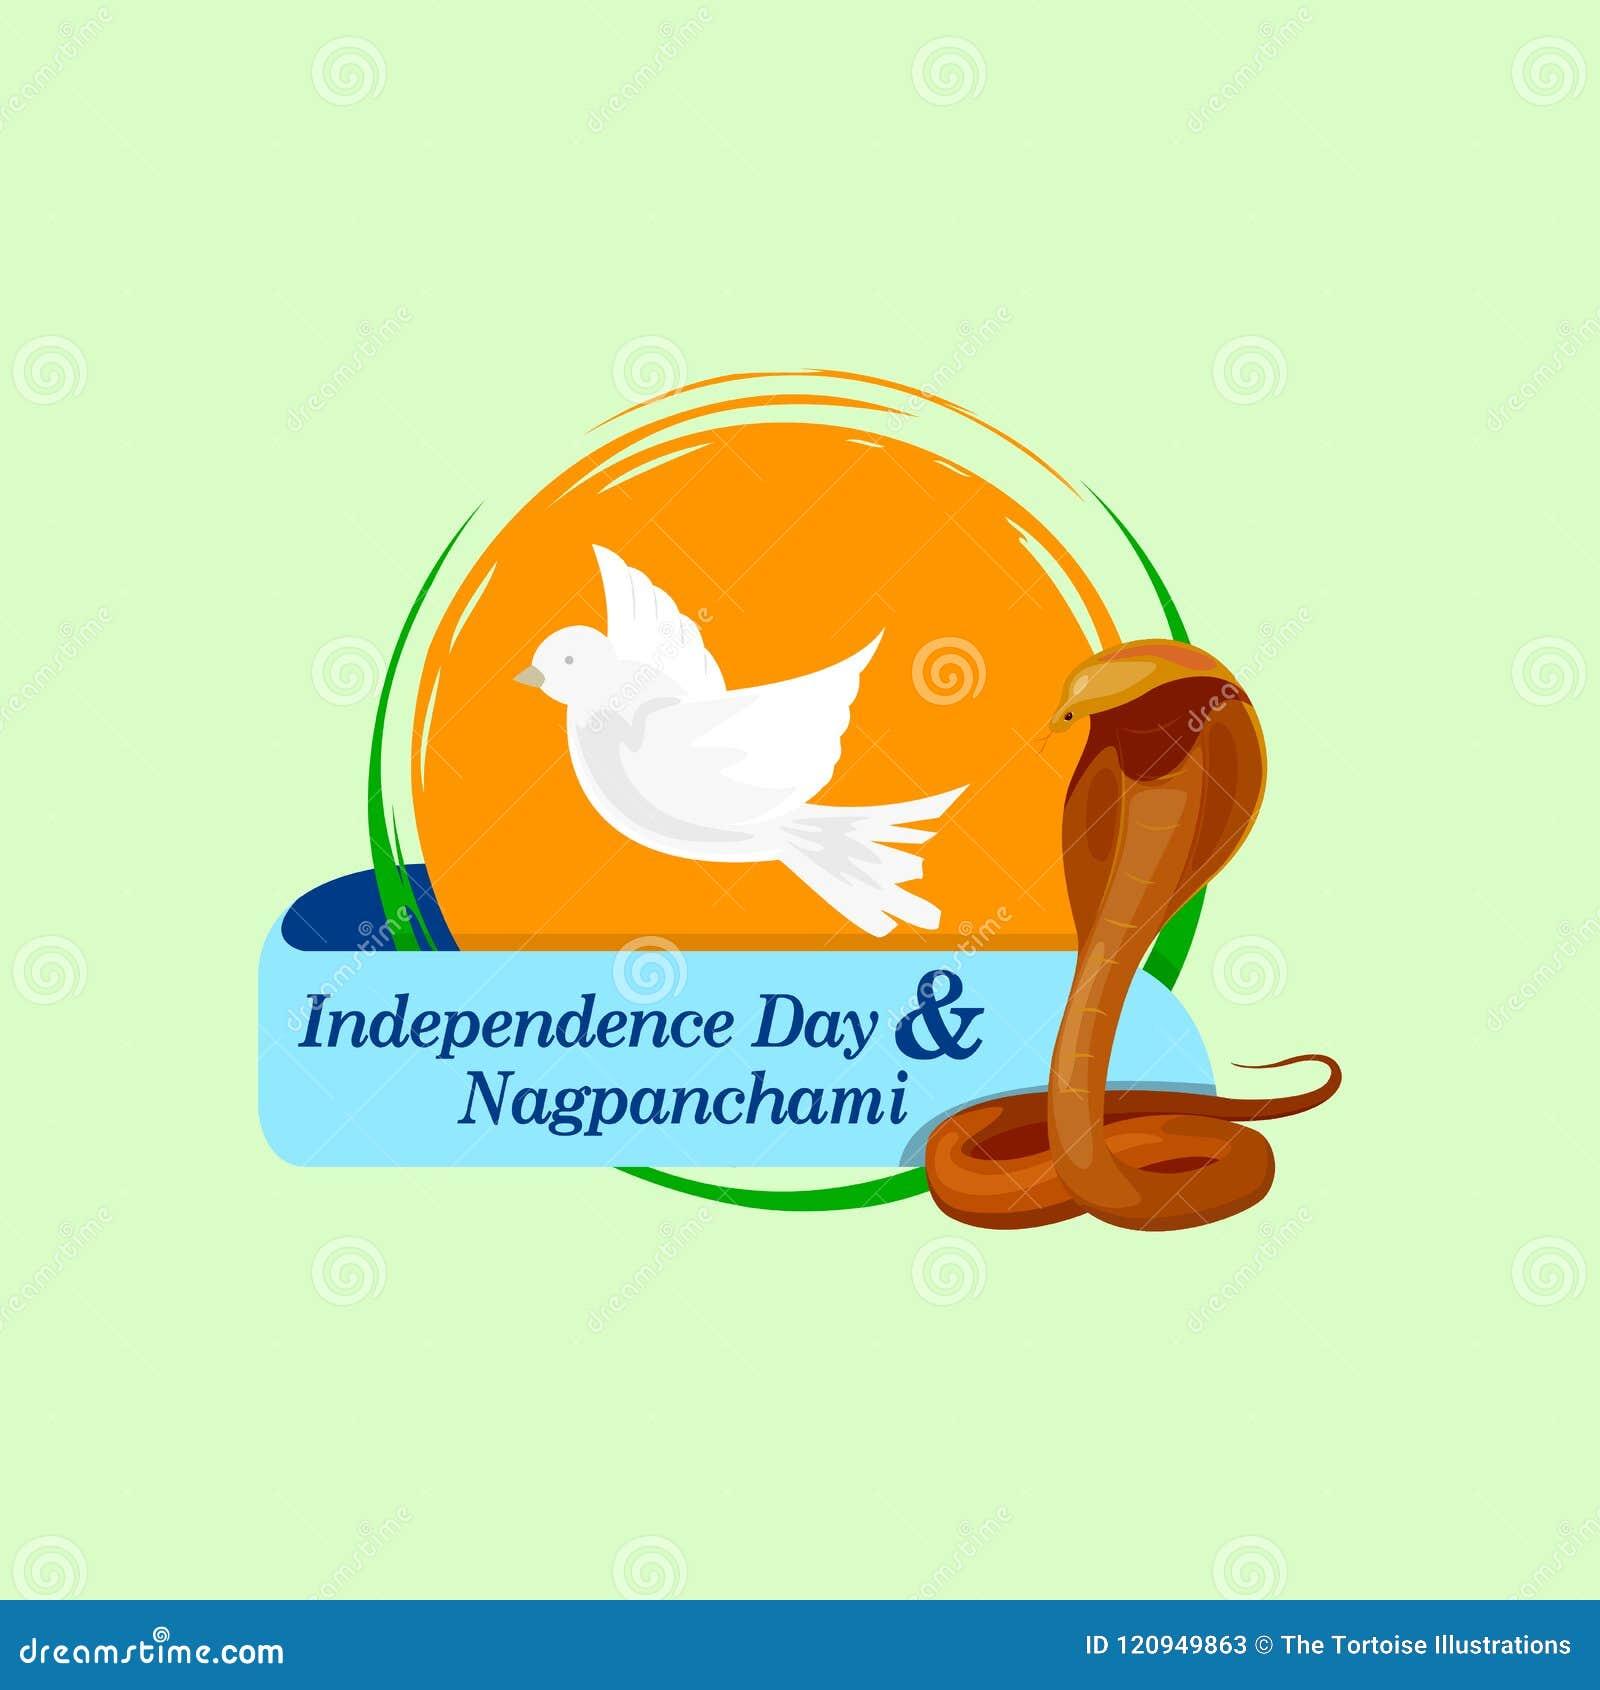 Dzień Niepodległości Panchami i Naga